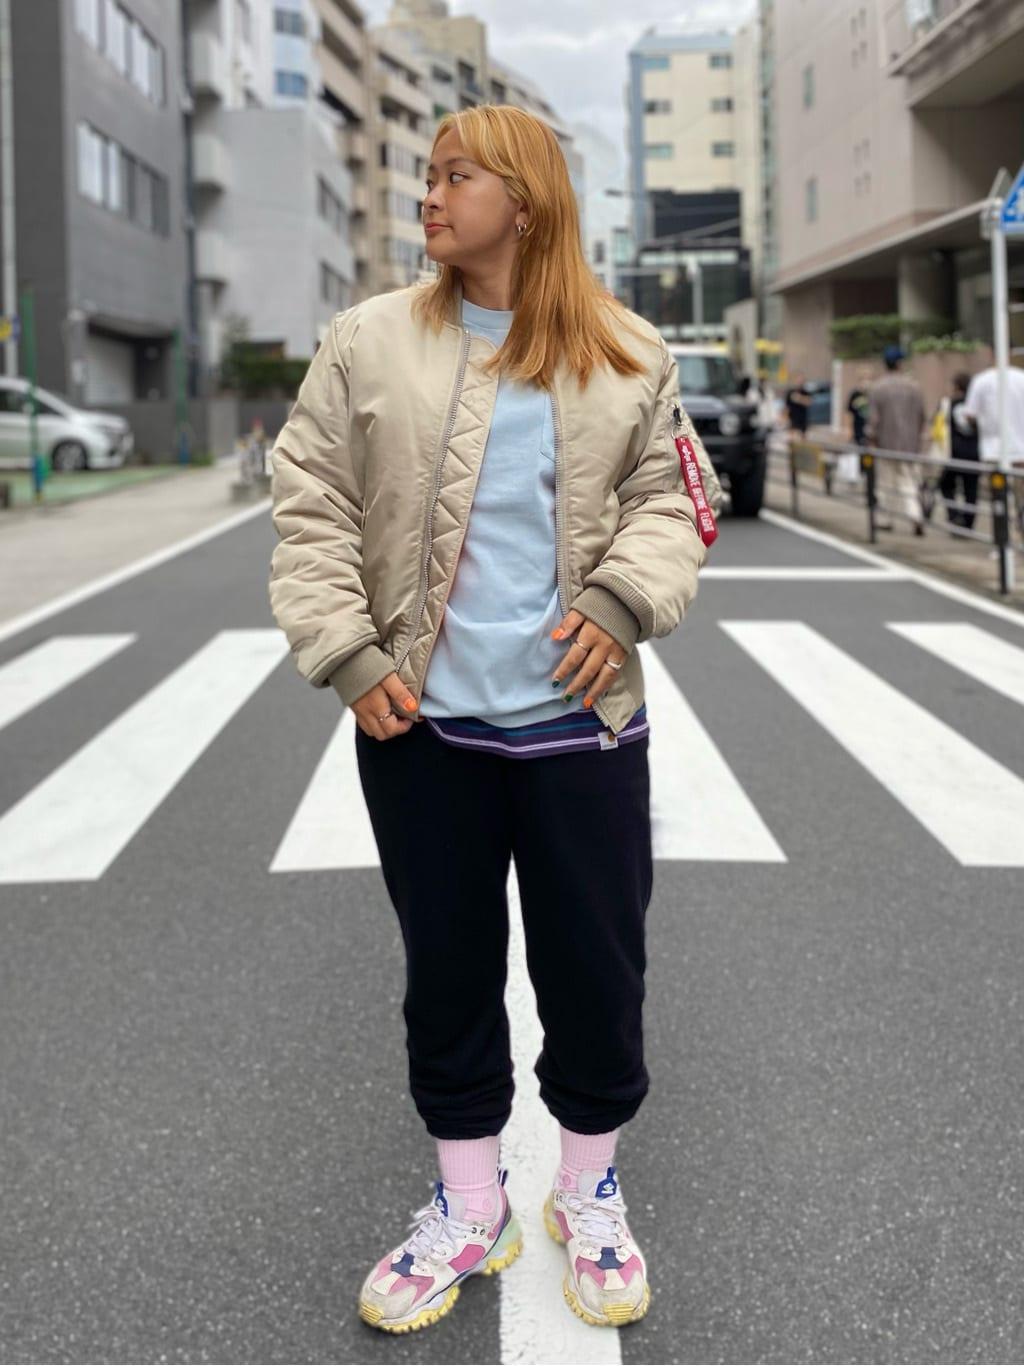 ALPHA SHOP渋谷店のn a n a s a さんのALPHAの【期間限定10%OFF】USAコットン ヘビーウェイト 長袖Tシャツを使ったコーディネート